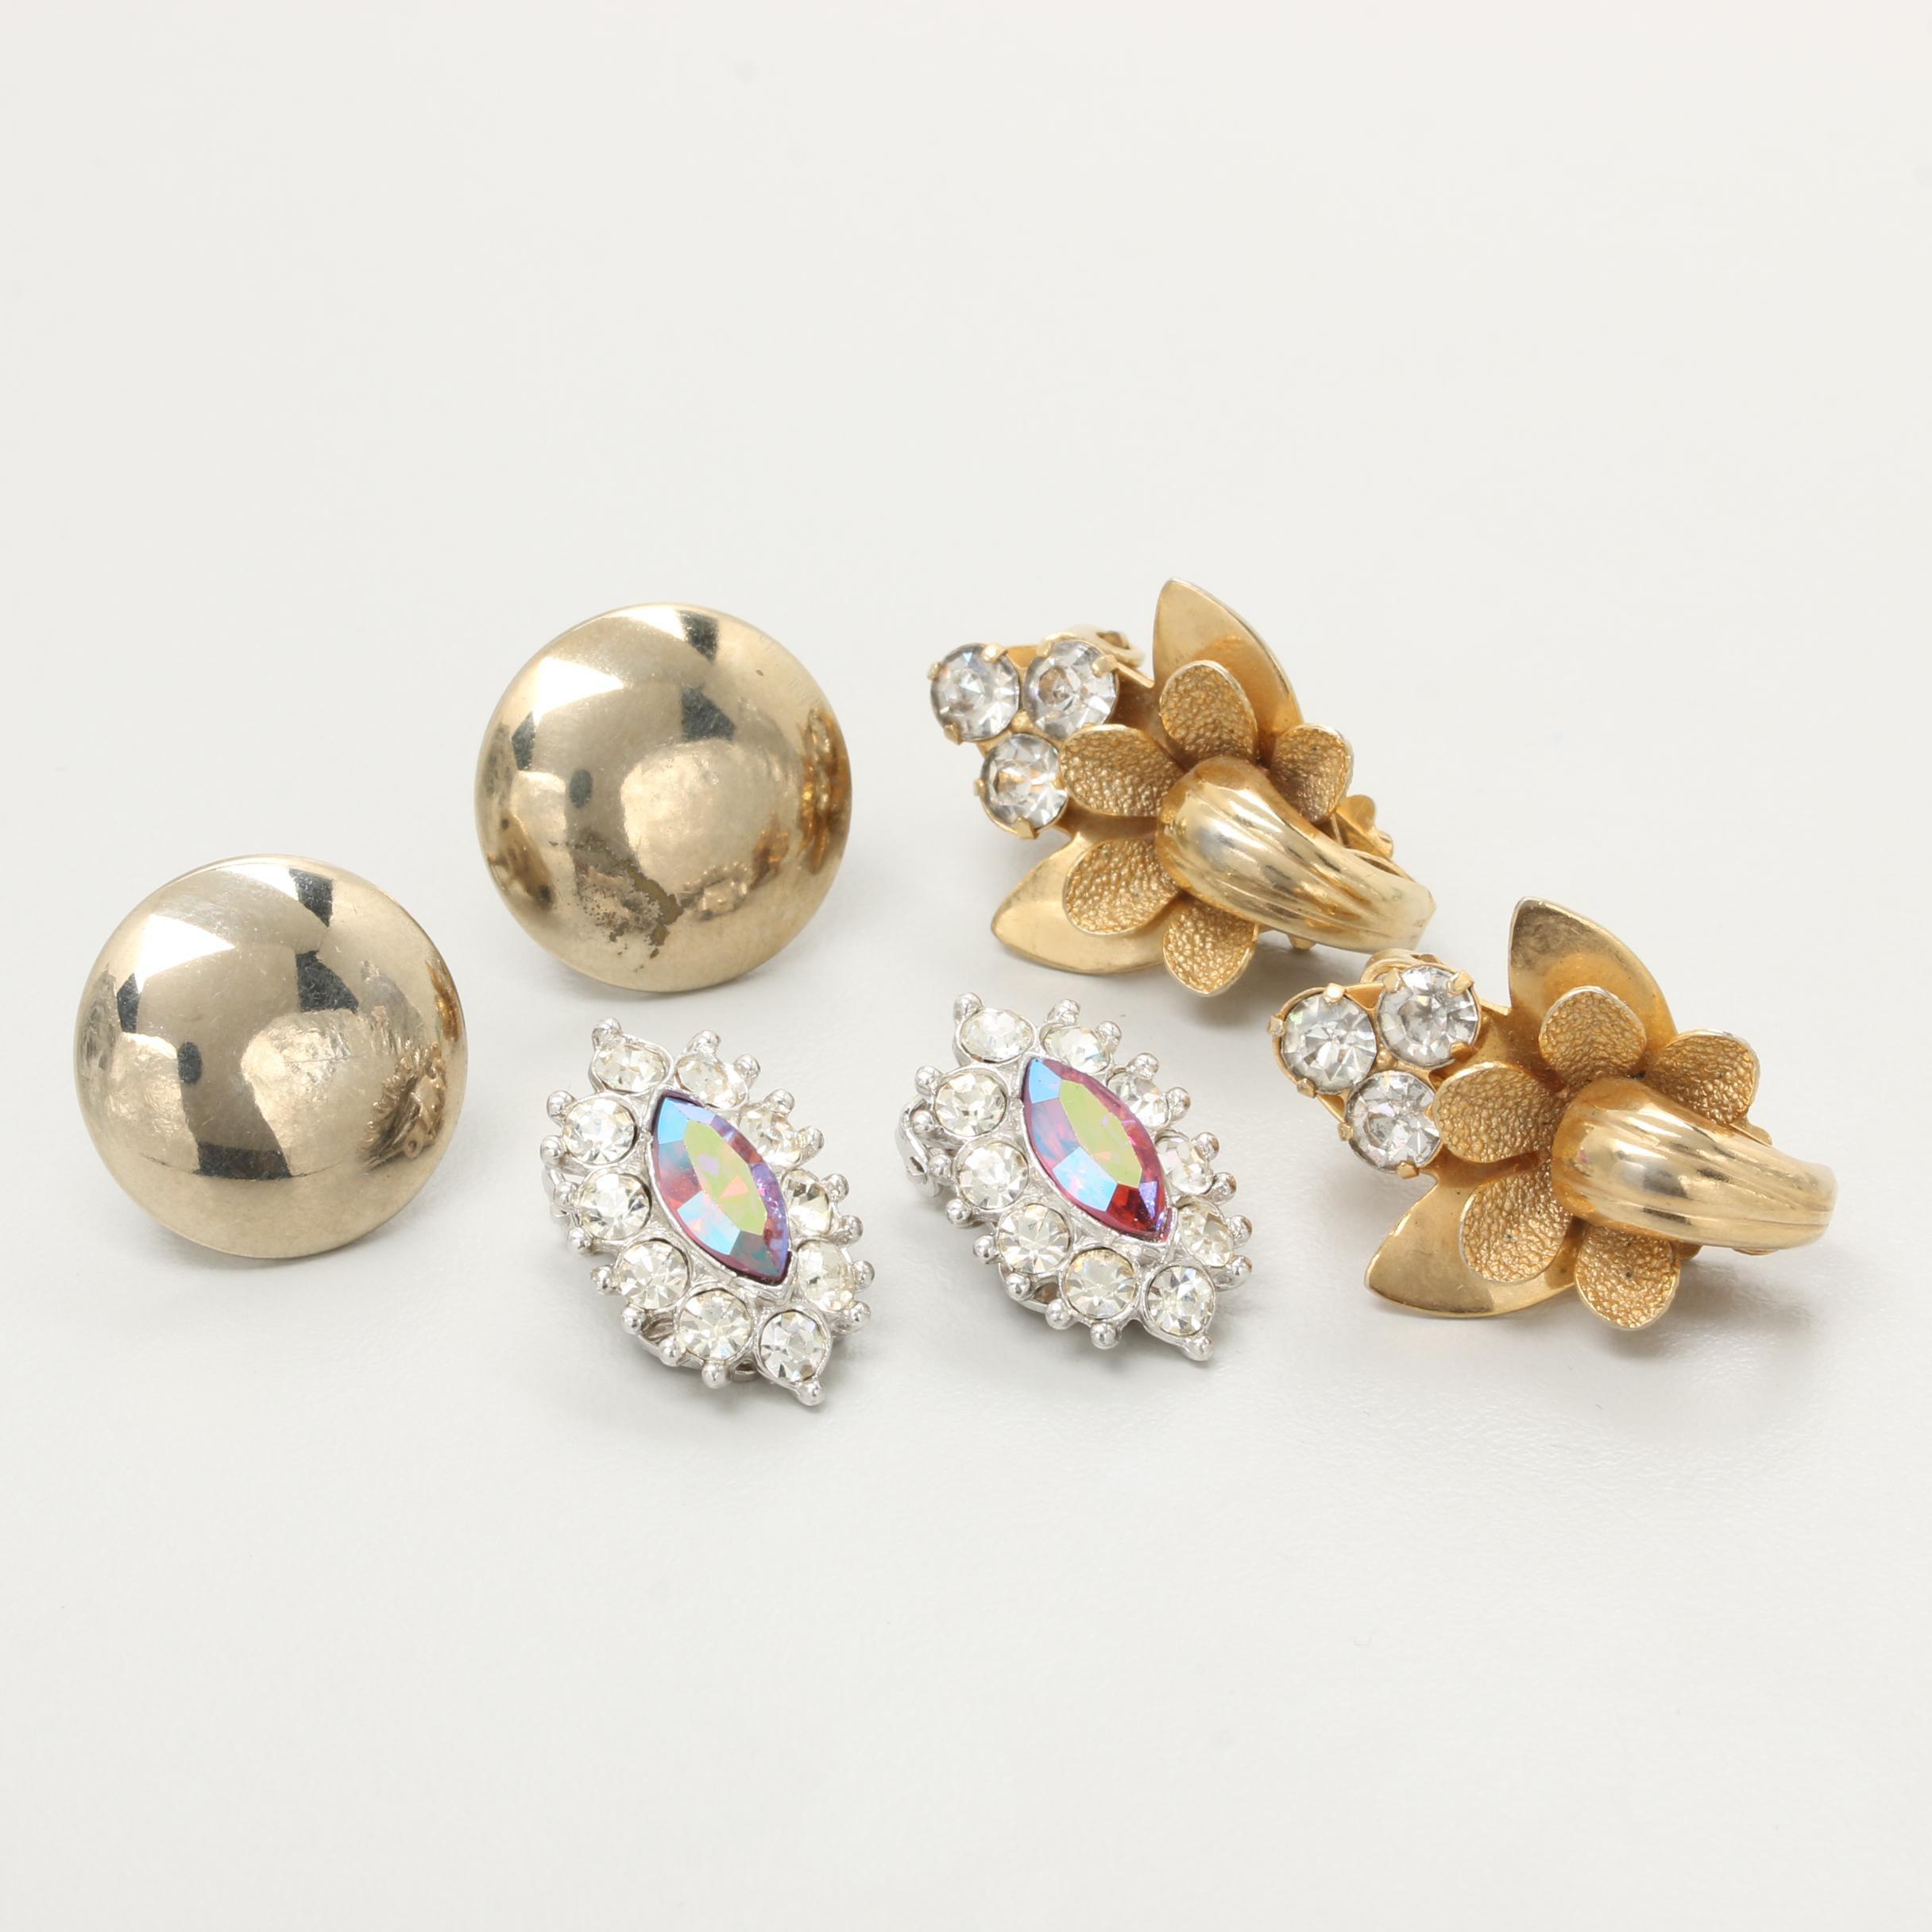 Vintage Earring Selection Including Bogoff